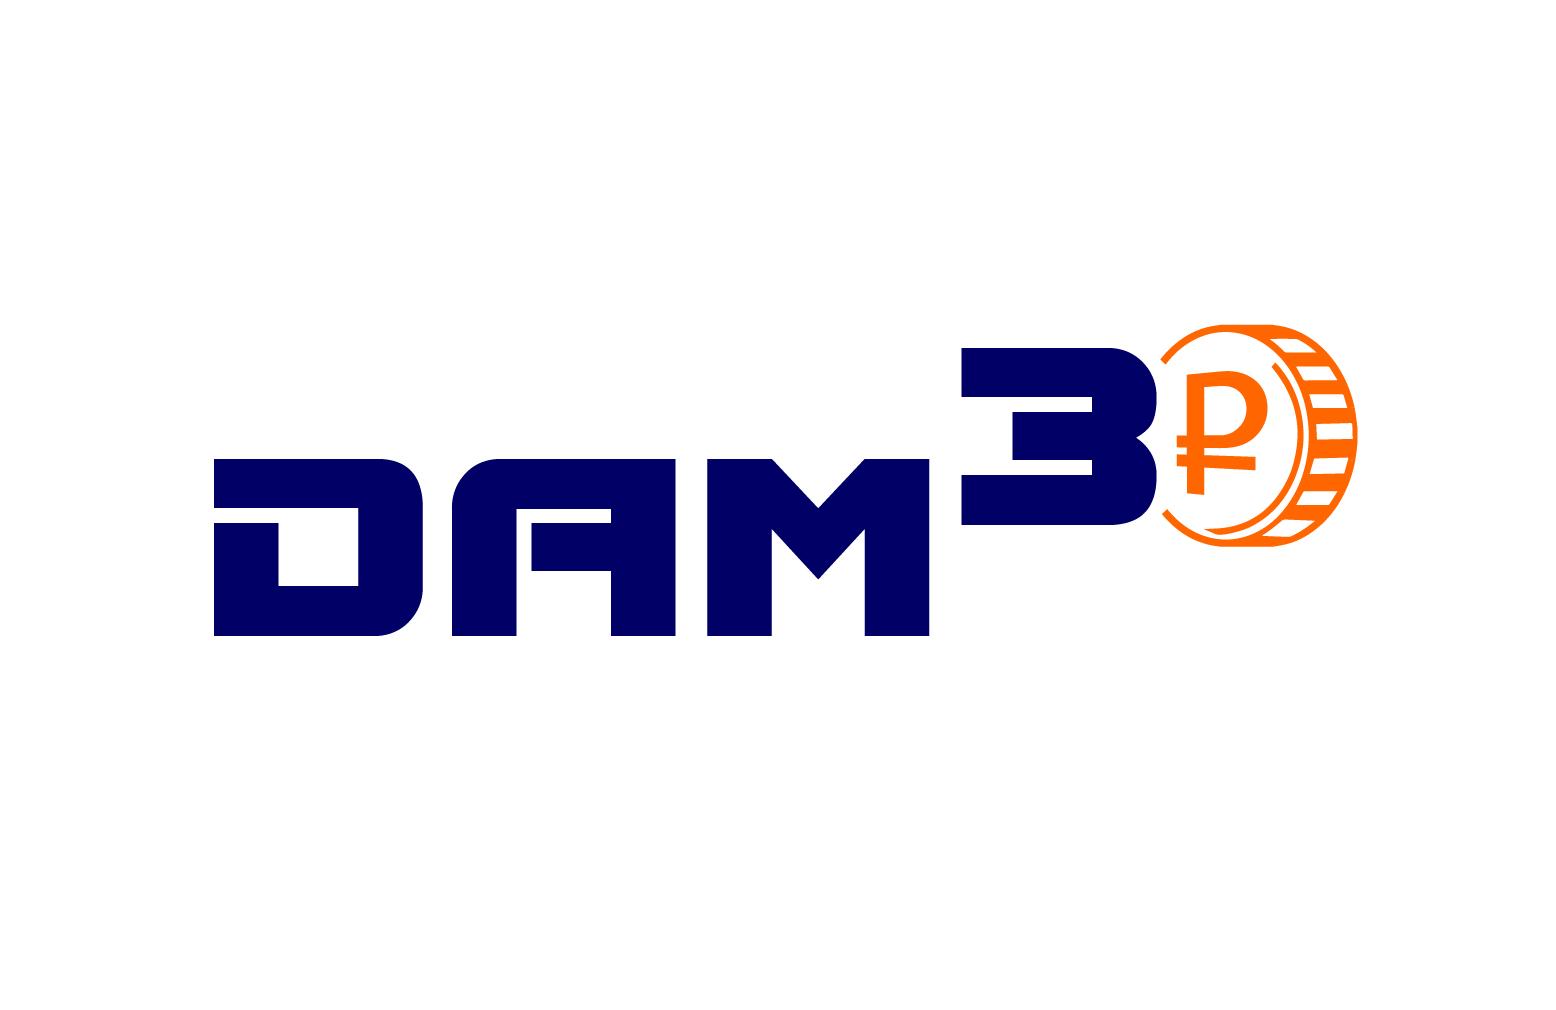 Логотип для микрокредитной, микрофинансовой компании фото f_6715a2abe19541f1.jpg